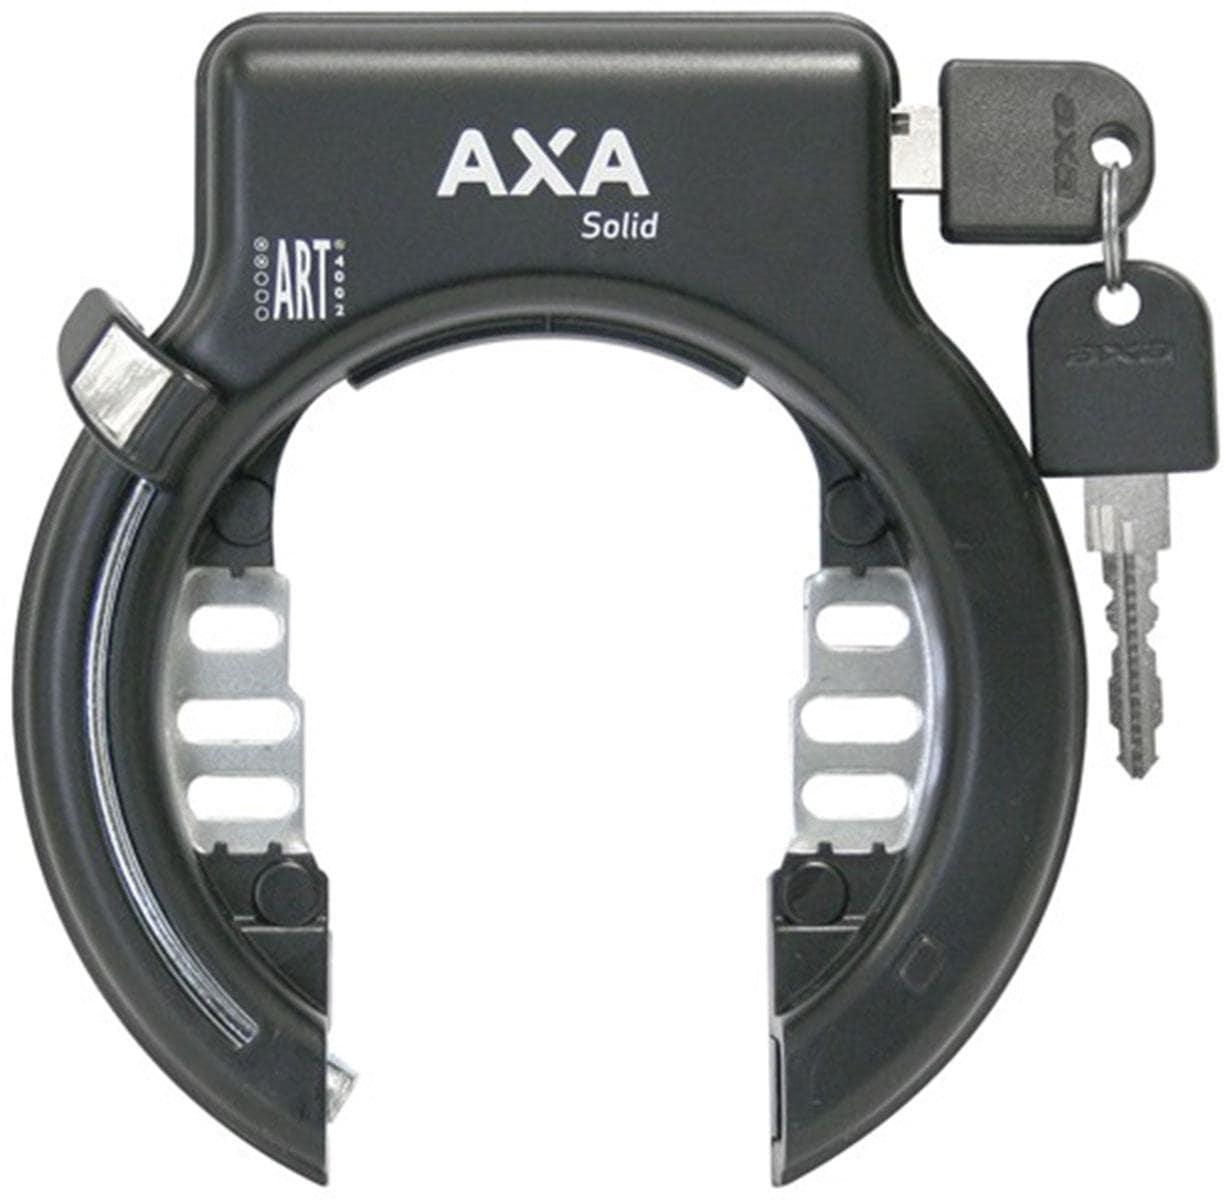 AXA Rahmenschloss Solid XL Technik & Freizeit/Sport & Freizeit/Fahrräder & Zubehör/Fahrradzubehör/Fahrradschlösser/Rahmenschlösser